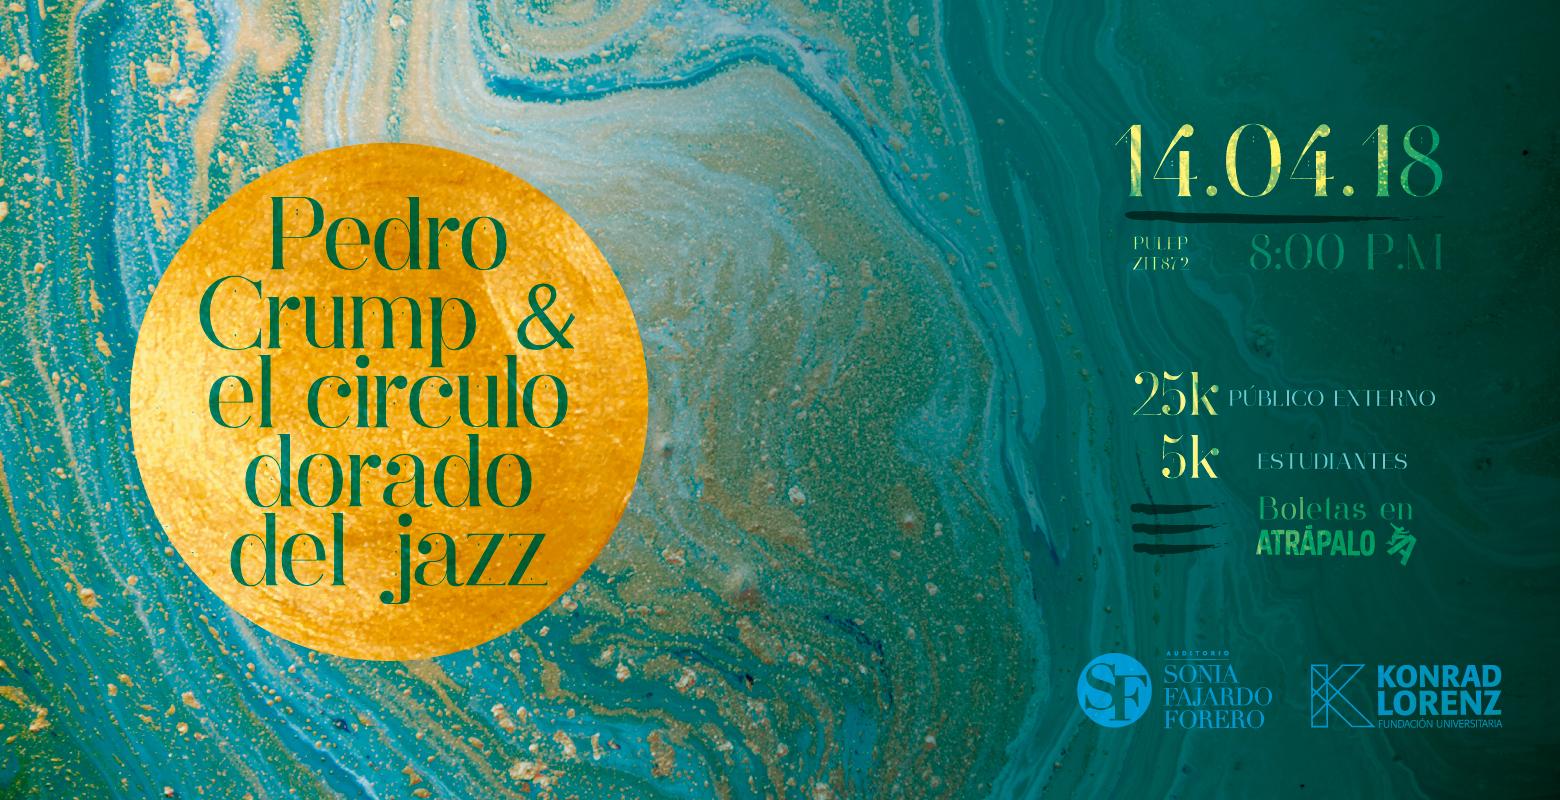 Pedro Crump & el Círculo Dorado de Jazz